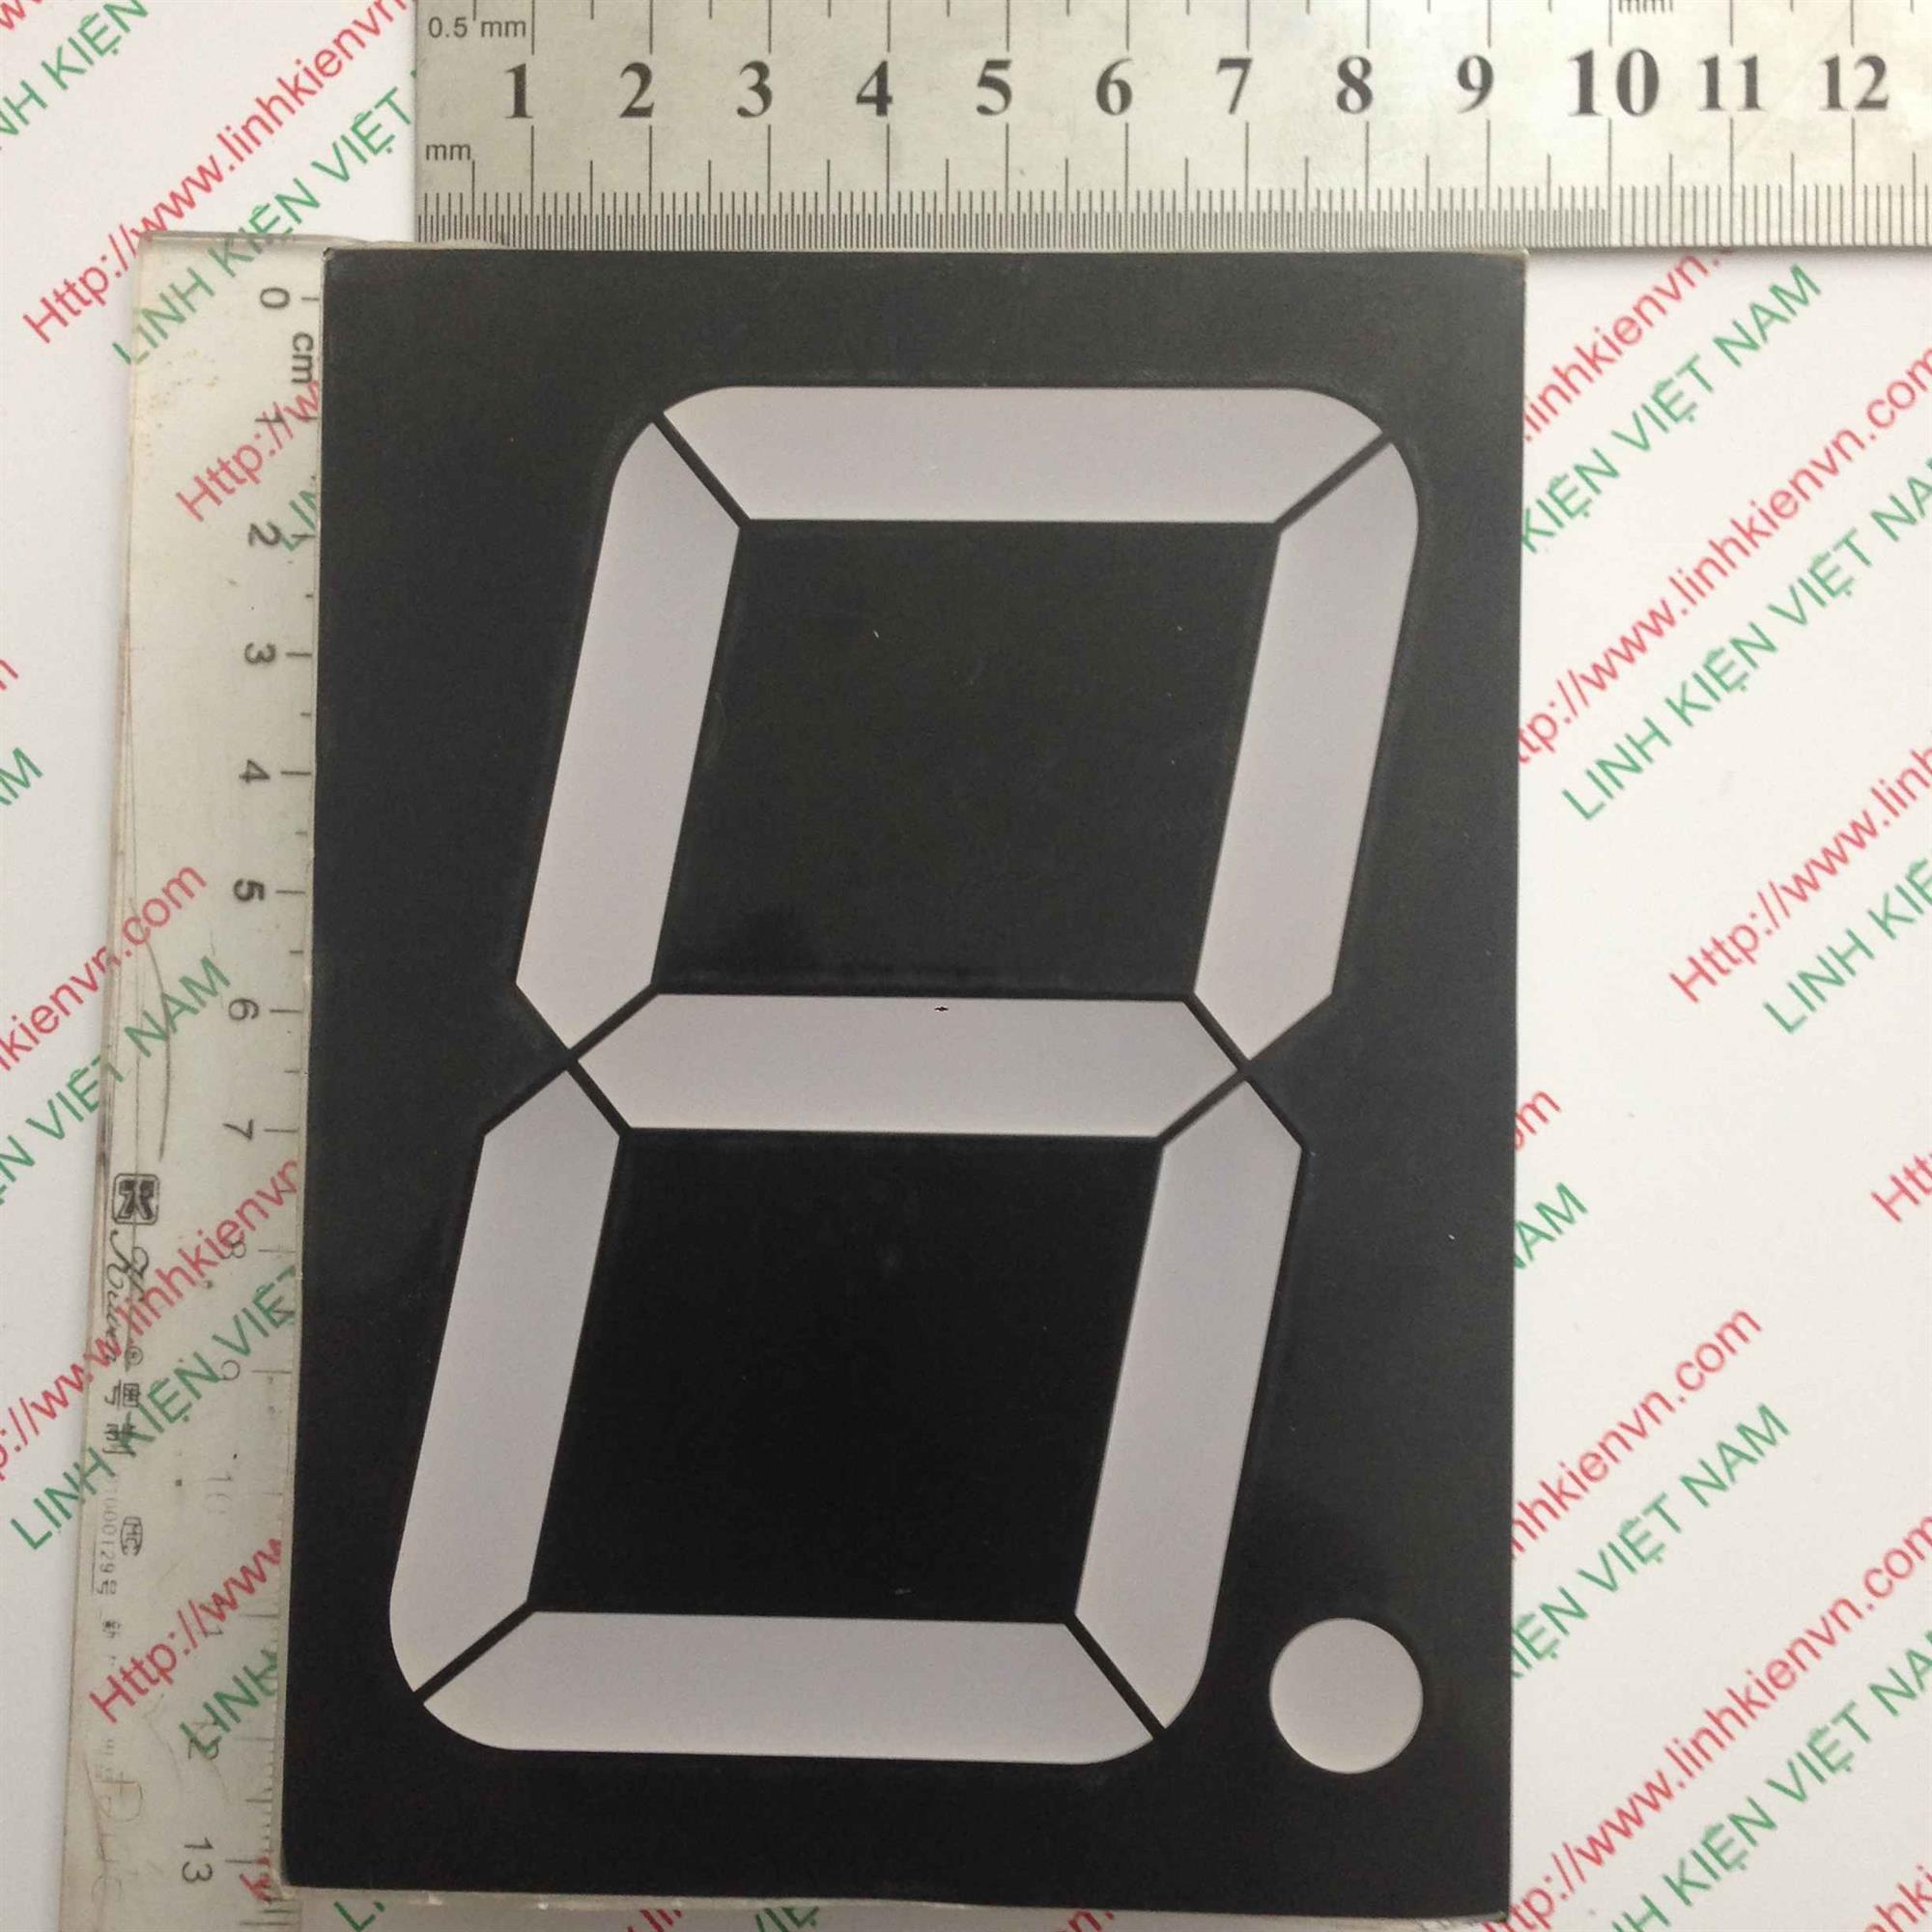 Led 7 Thanh đỏ đơn 4 inch (9cm-12cm) - A2H2